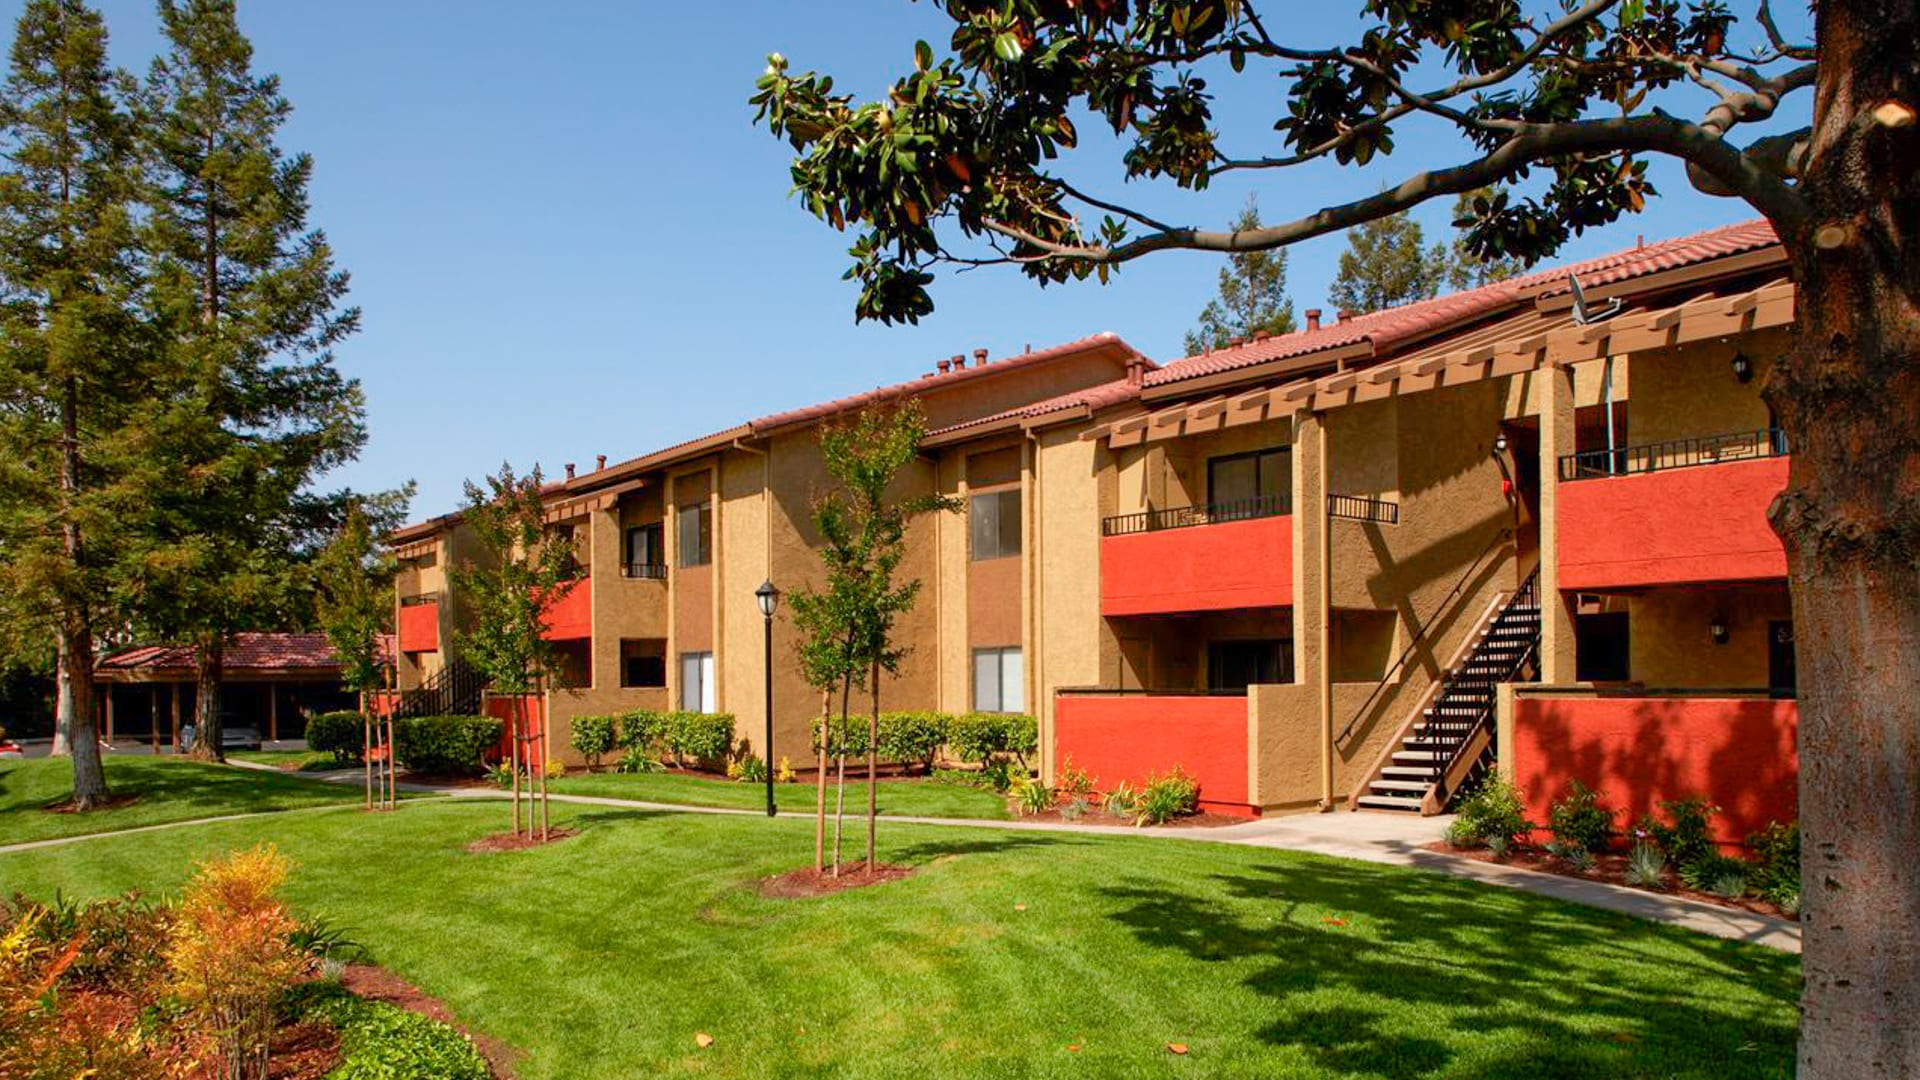 Verde Apartments - Building